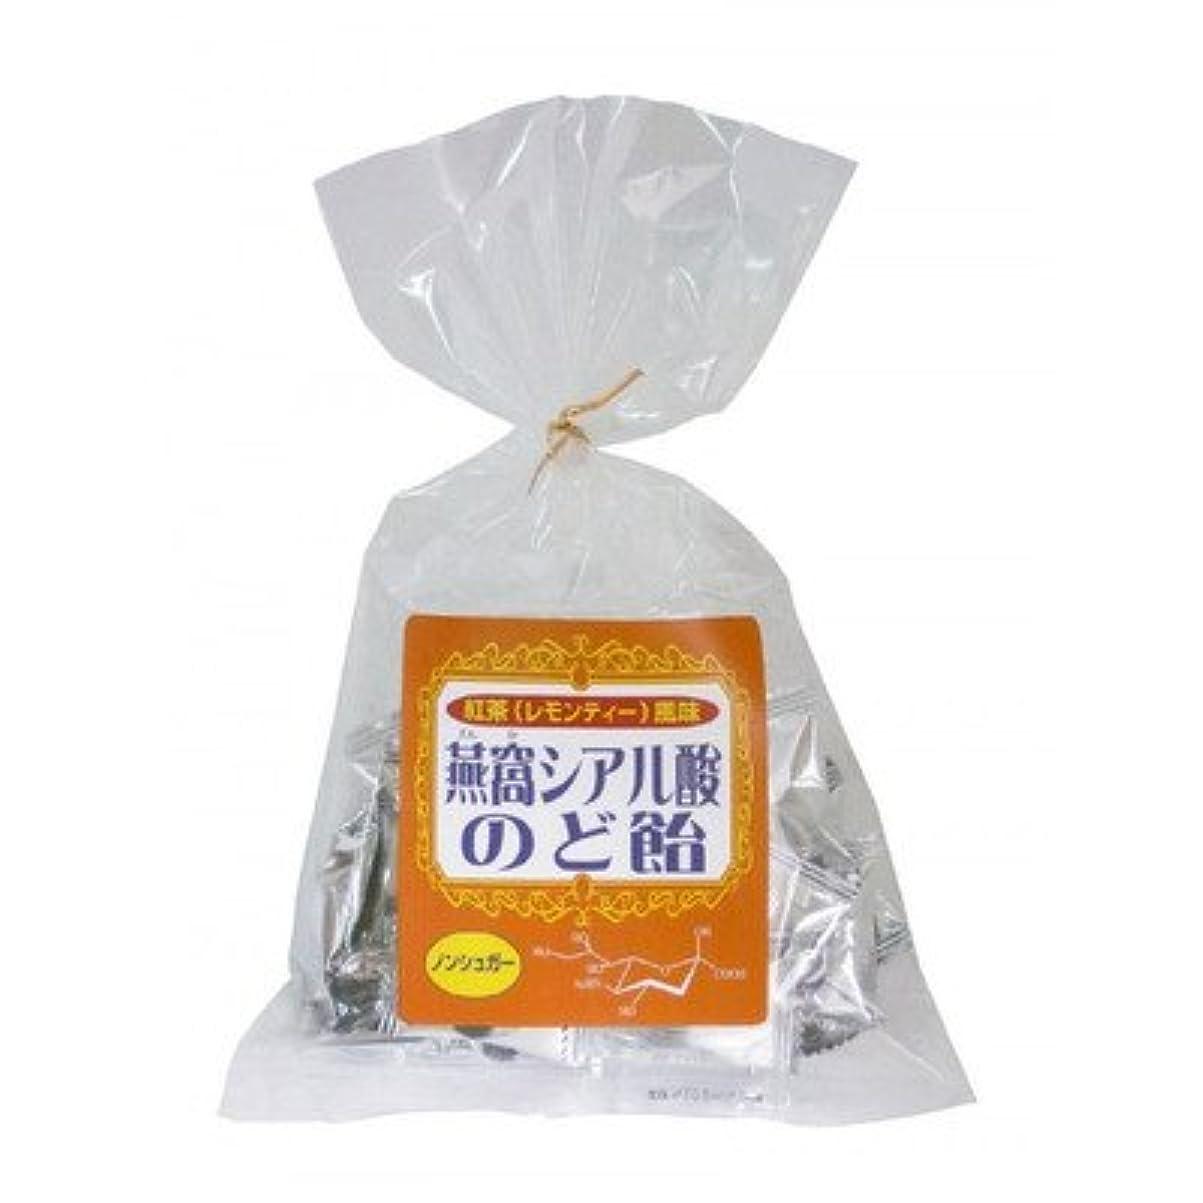 自動的にトレーダーアイザック燕窩シアル酸のど飴ノンシュガー 紅茶(レモンティー)風味 87g×3袋